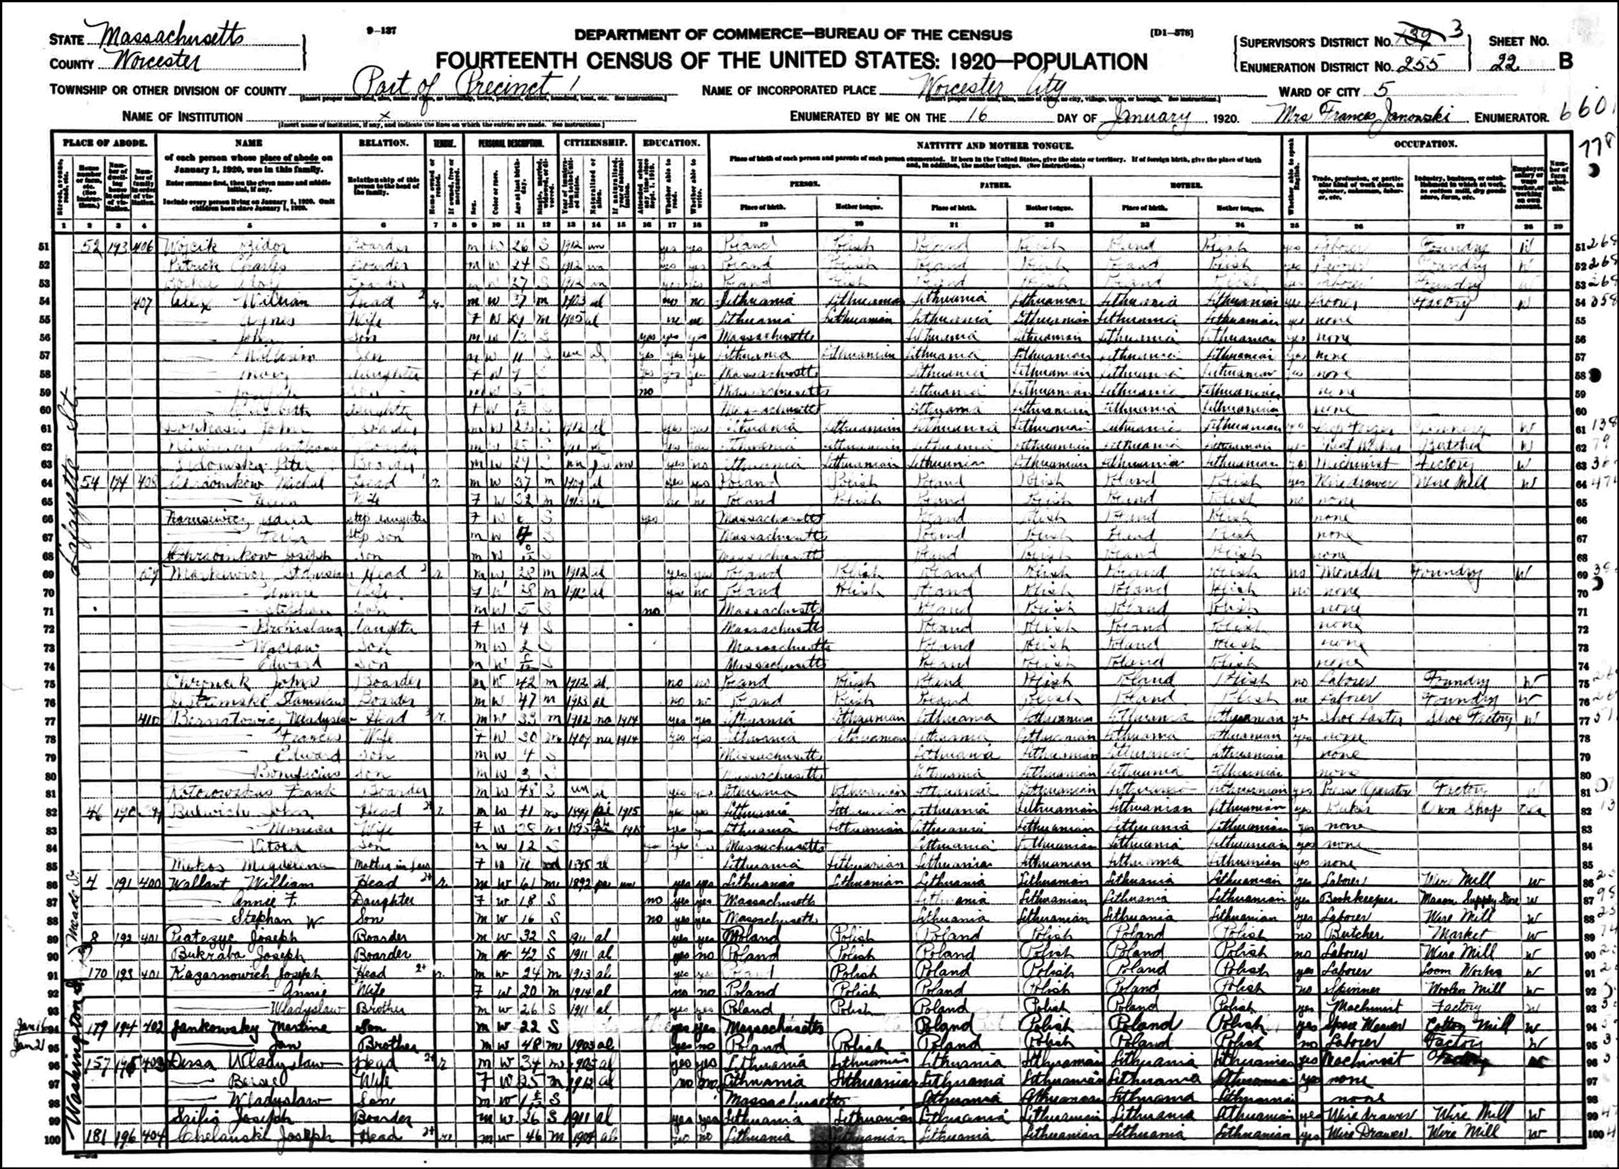 1920 Census Markiewicz